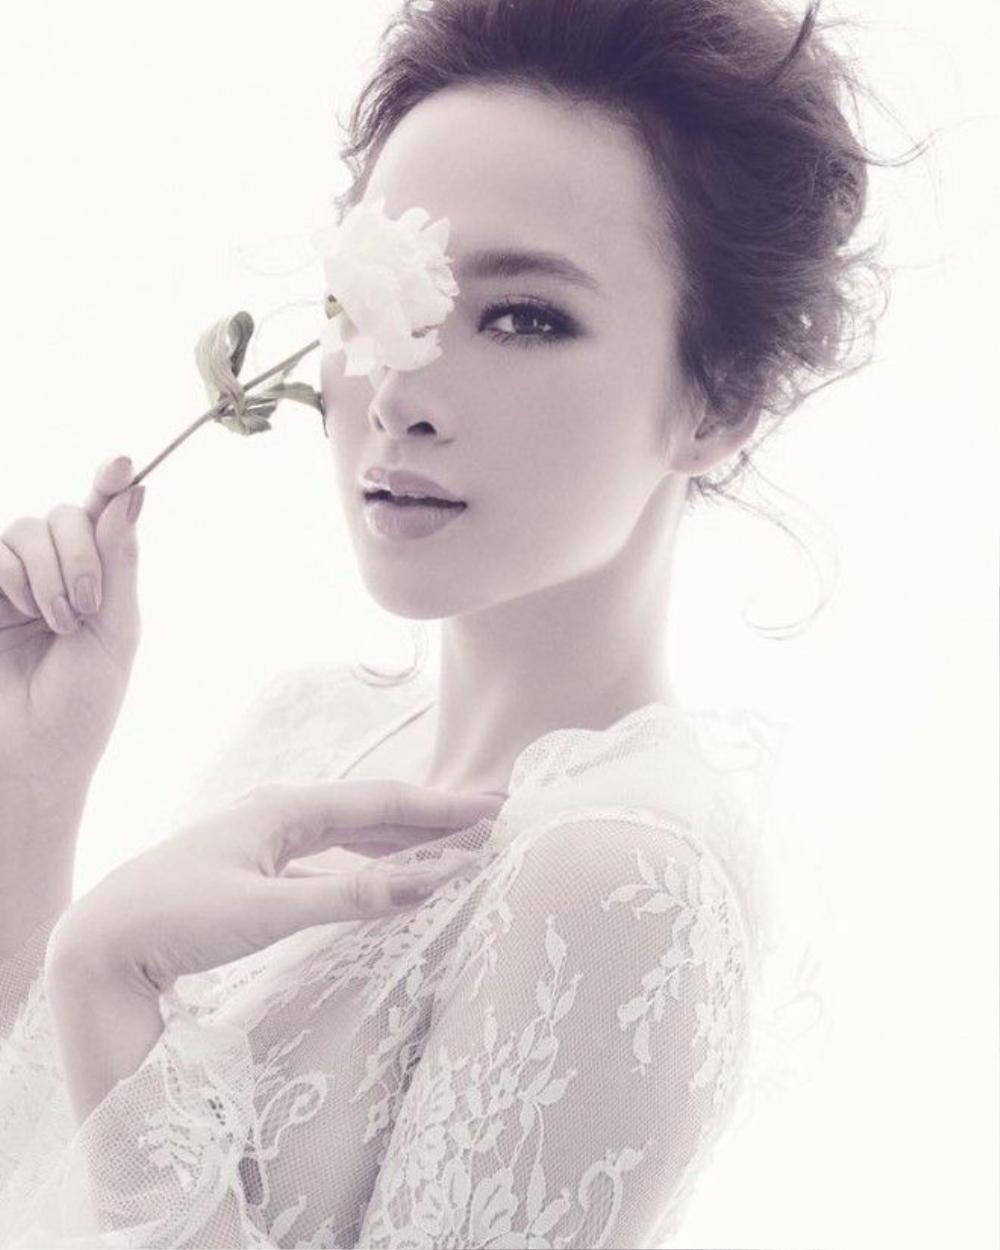 Angela Phương Trinh dịu dàng trong photoshoot mới của Đỗ Mạnh Cường với tóc búi cao bồng bềnh phần mái.